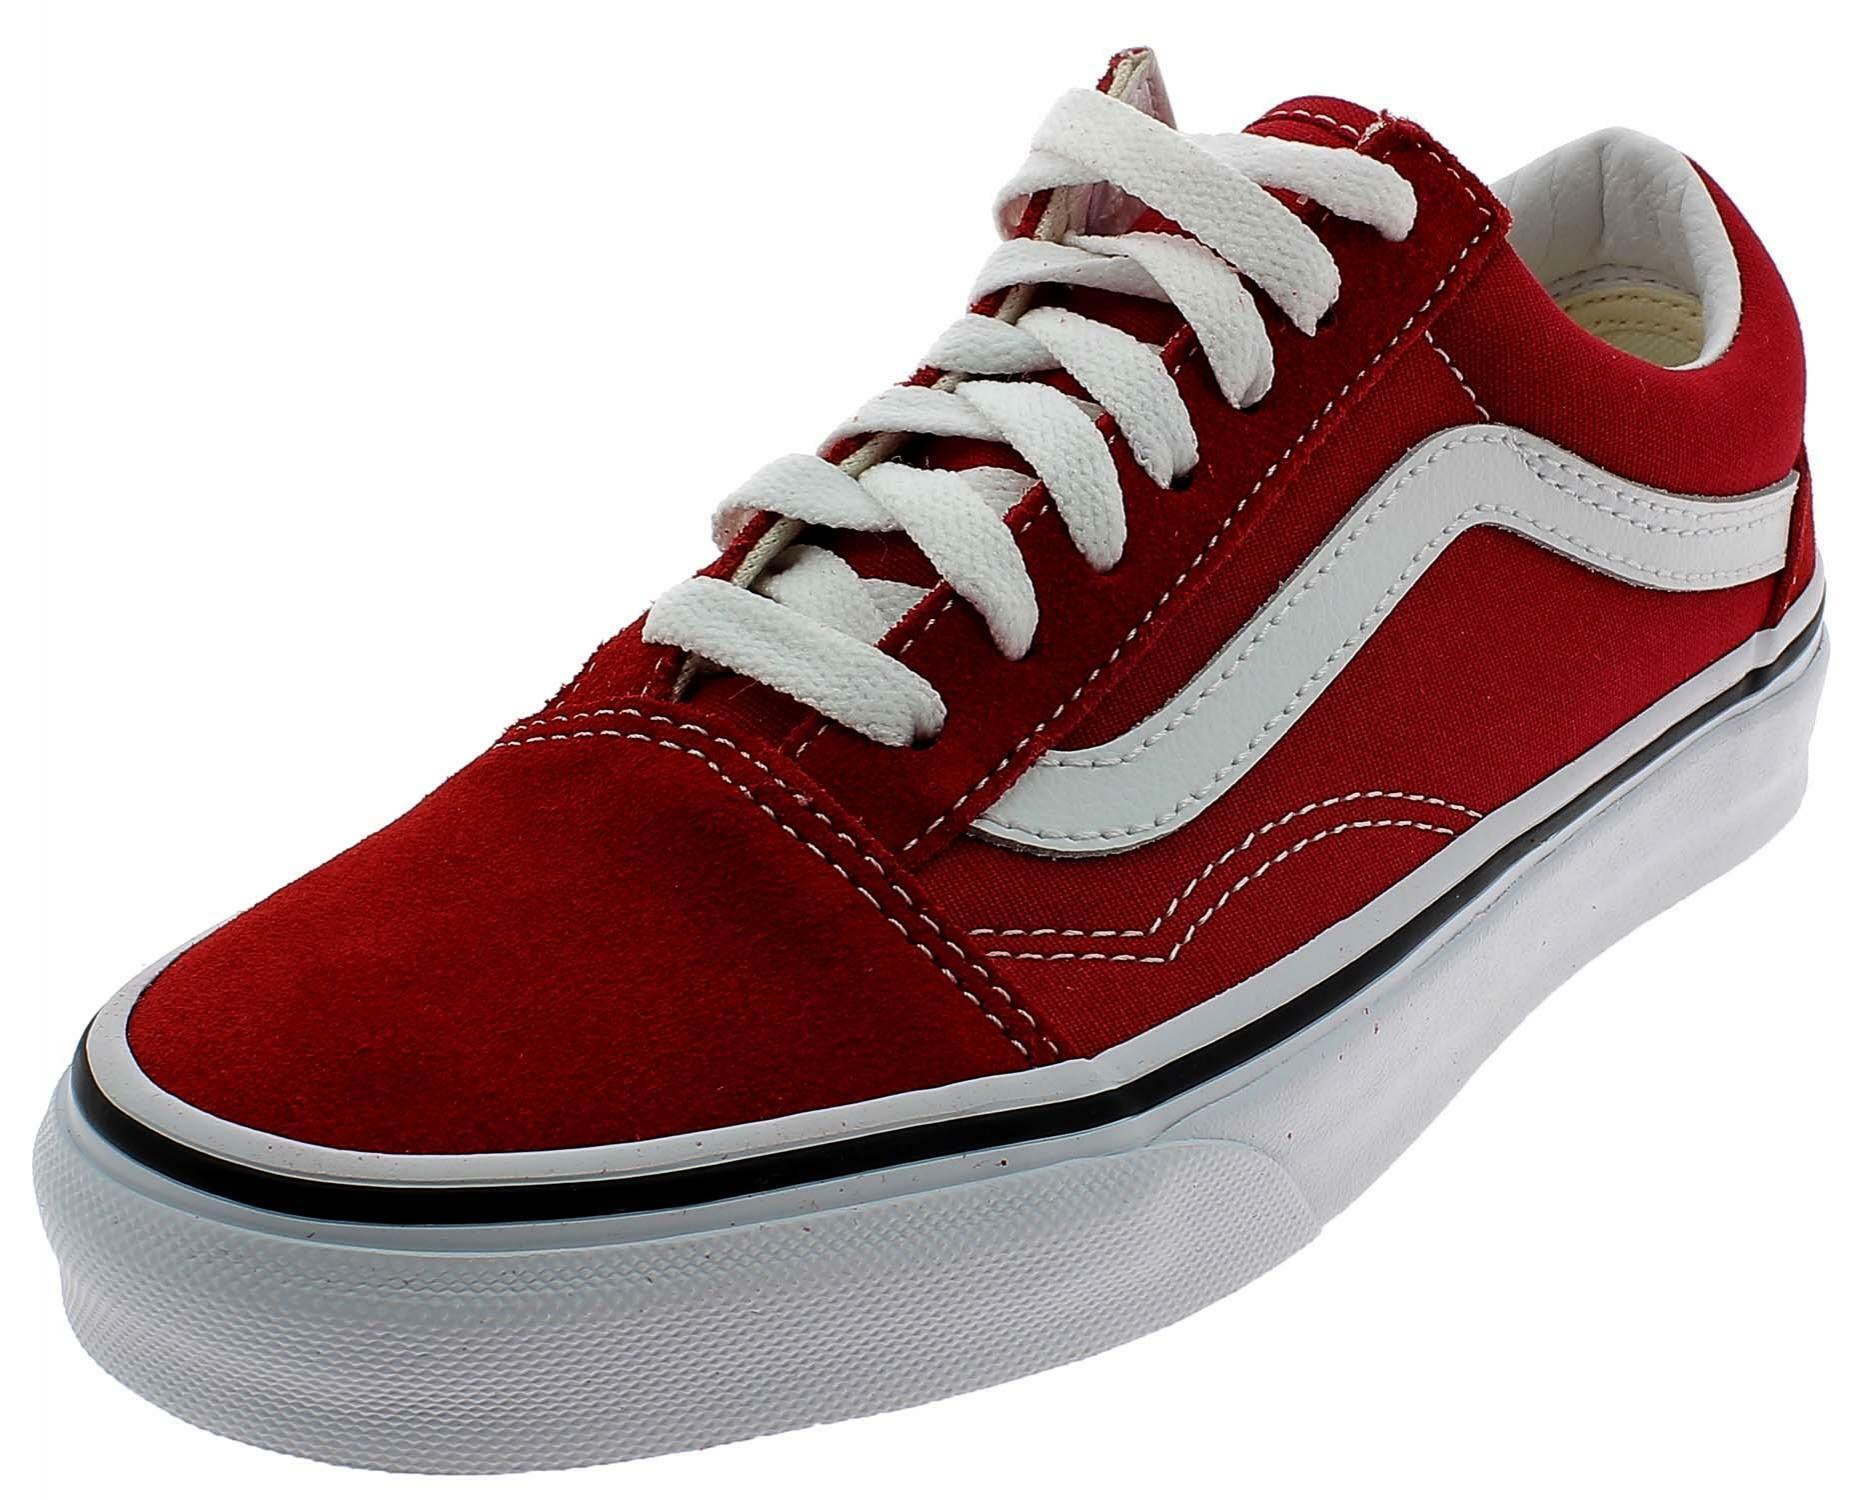 scarpe vans old skool rosse